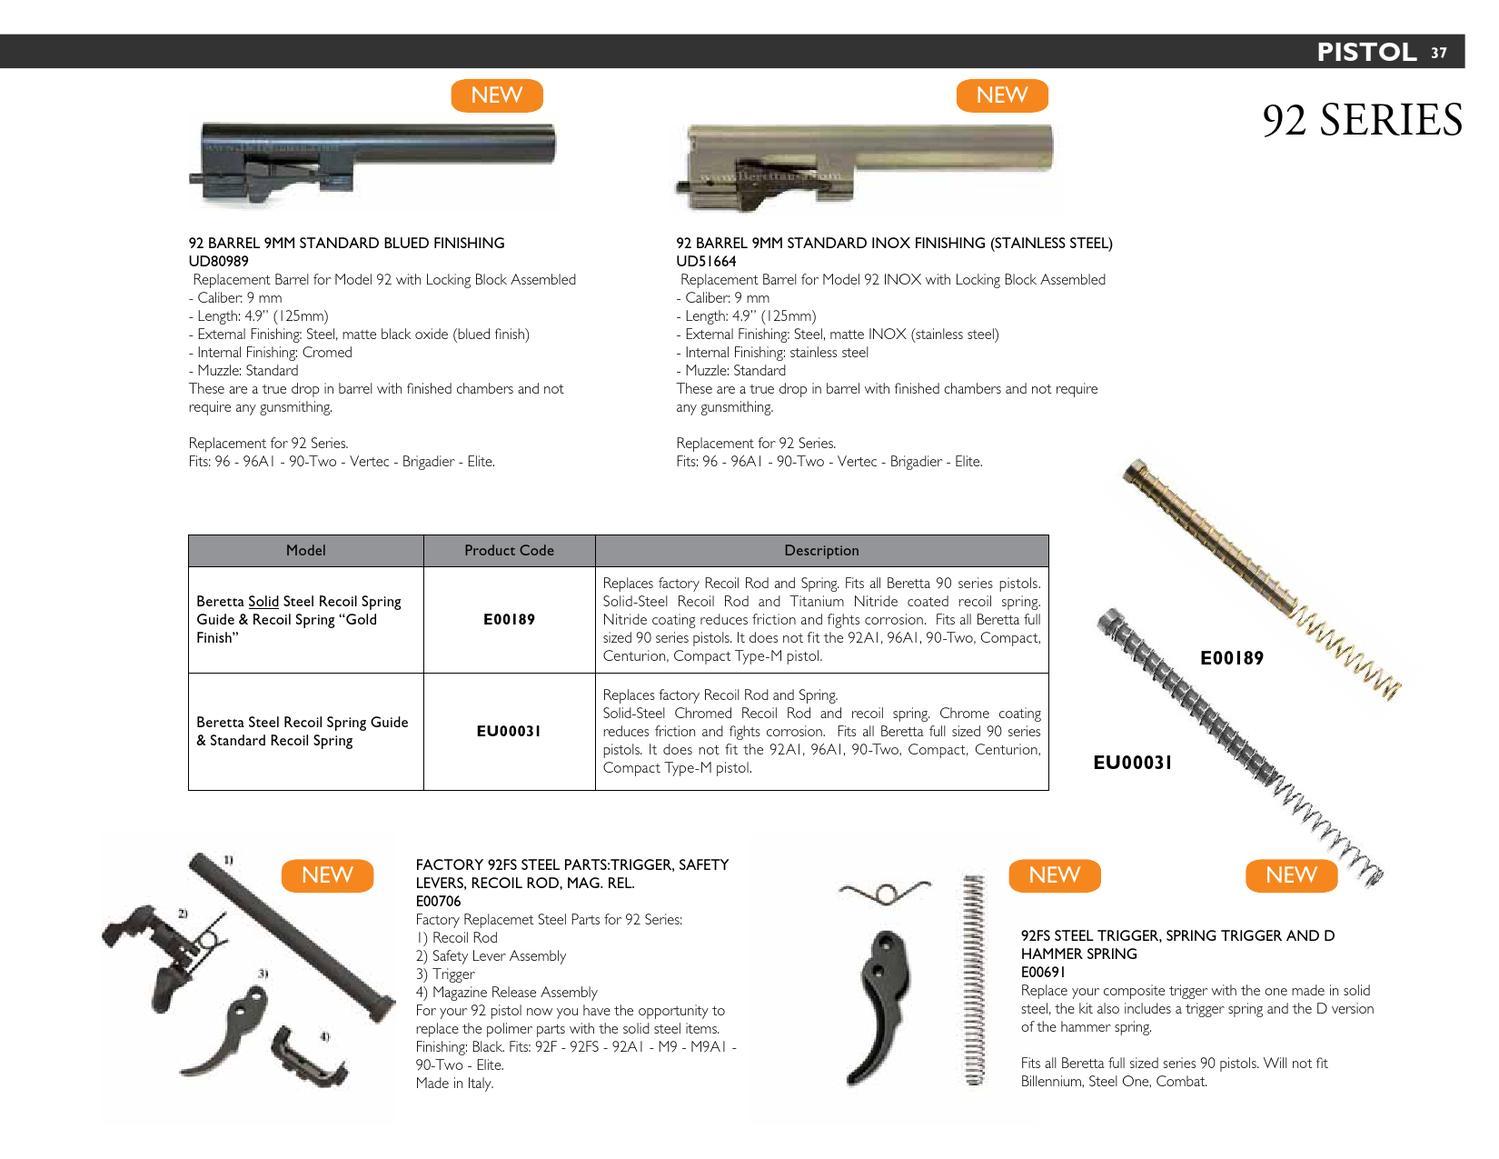 Beretta Accessories & Gun Accessories 2013 by Beretta USA